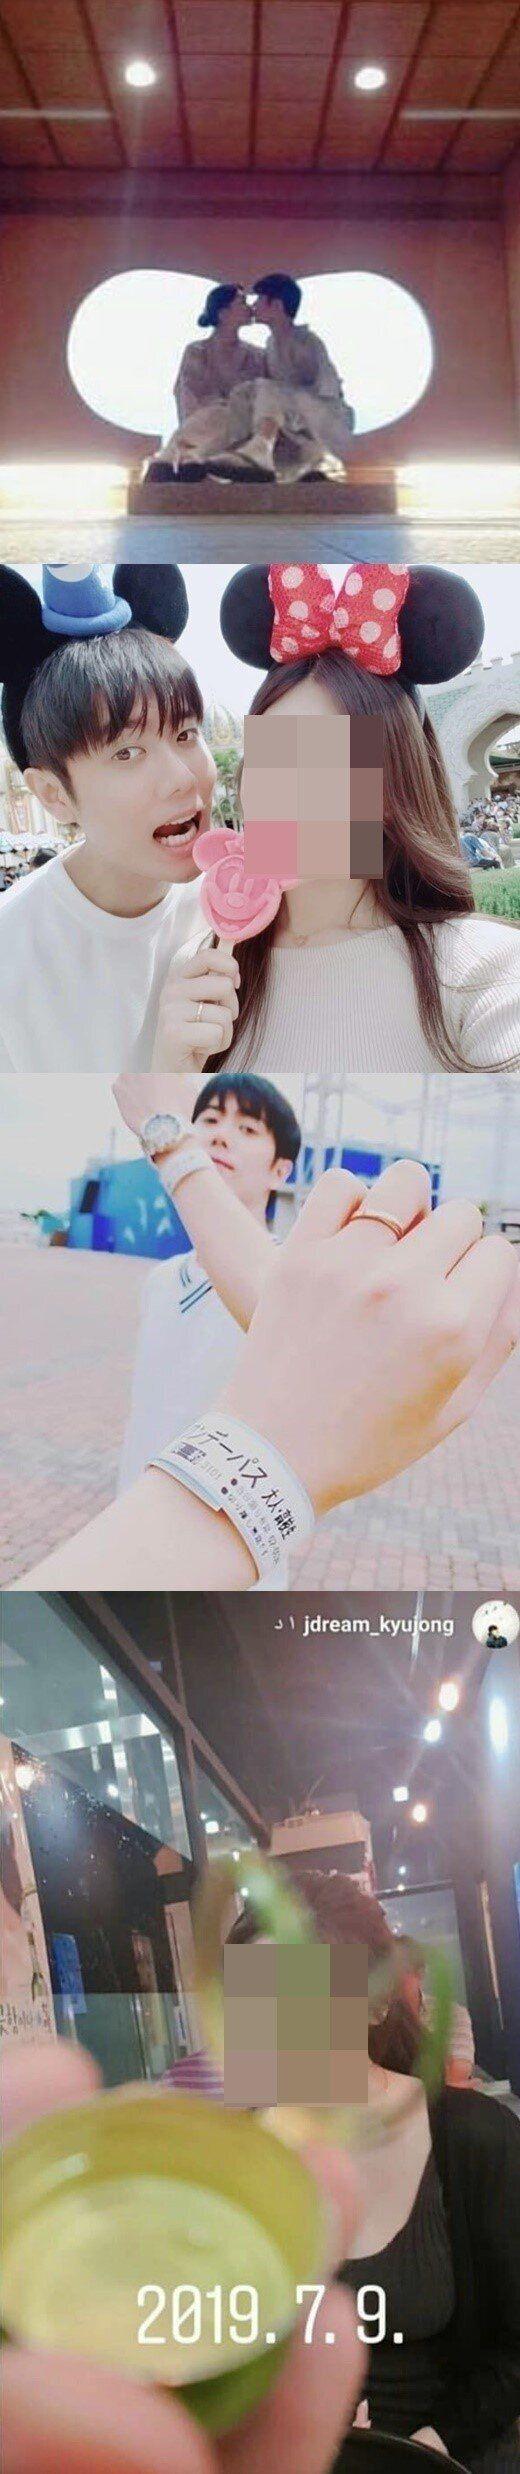 김규종이 여자친구와 찍은 일본 여행 사진을 올렸다가